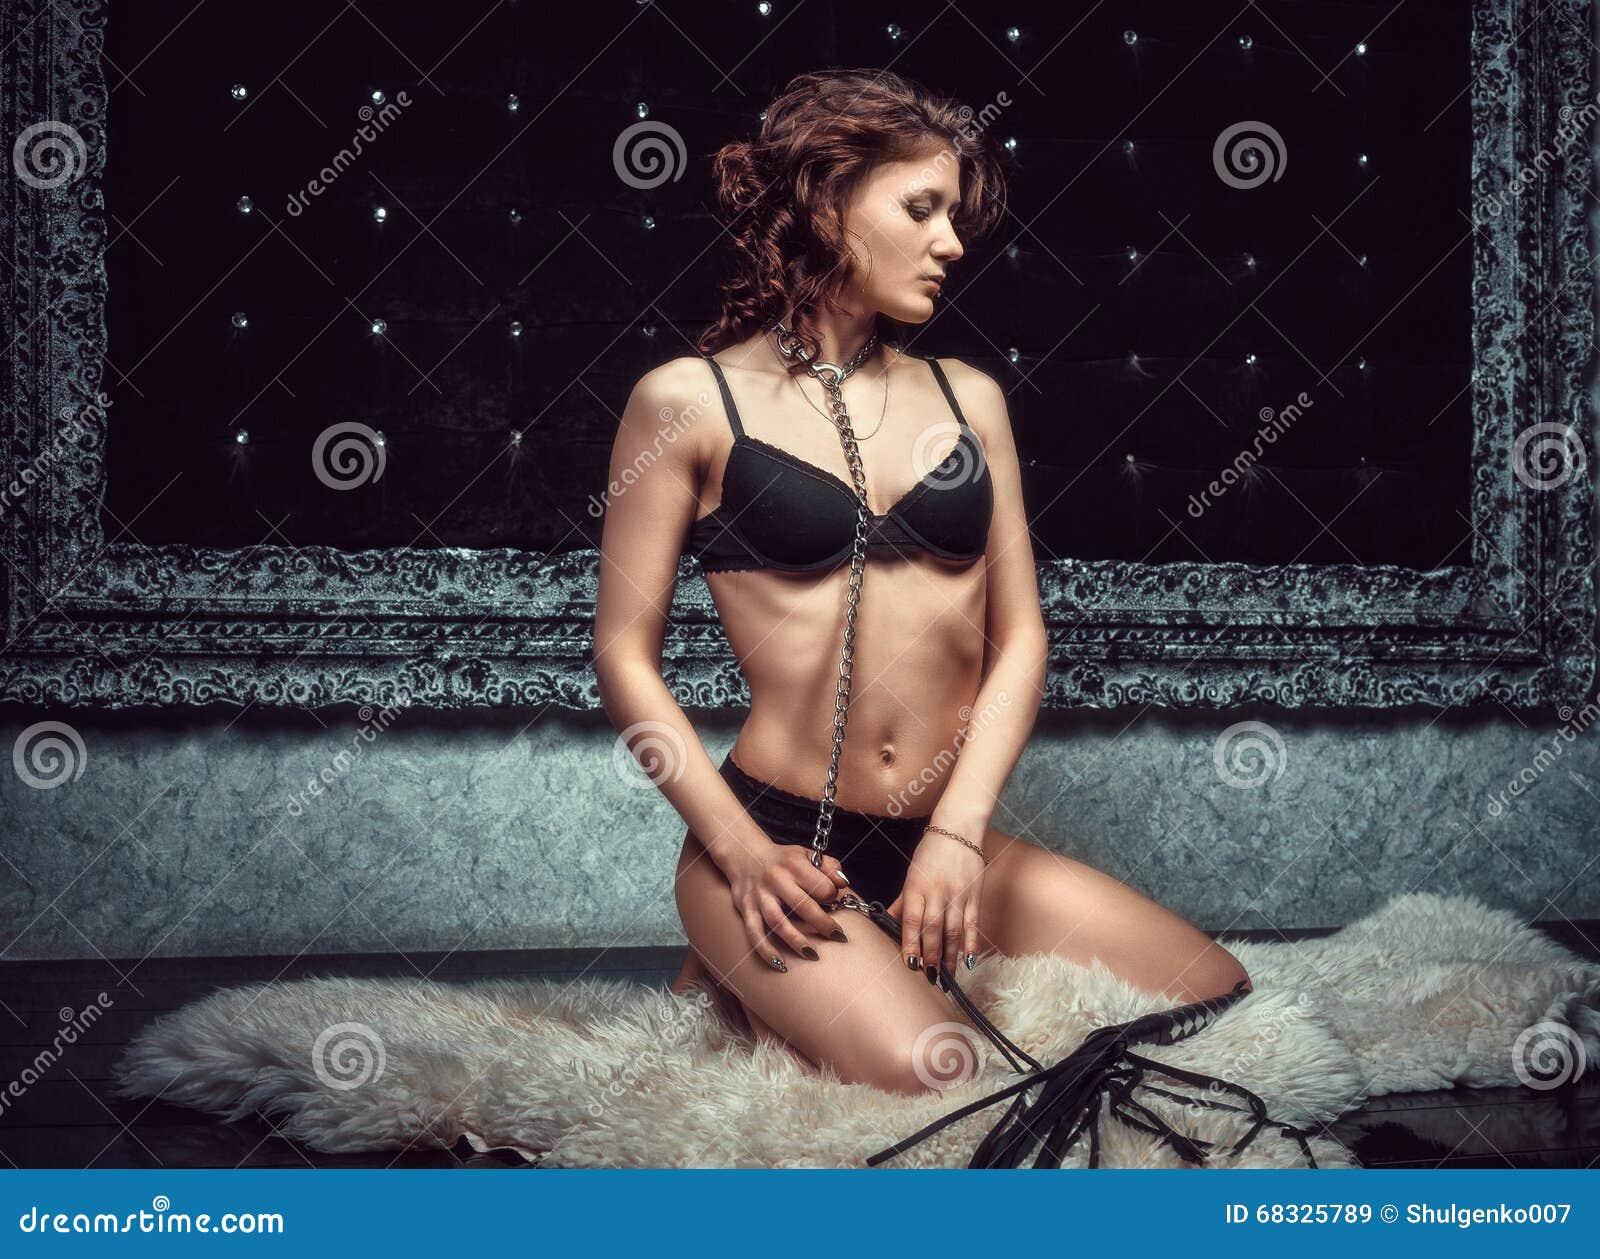 bdsm möbler sexiga damunderkläder